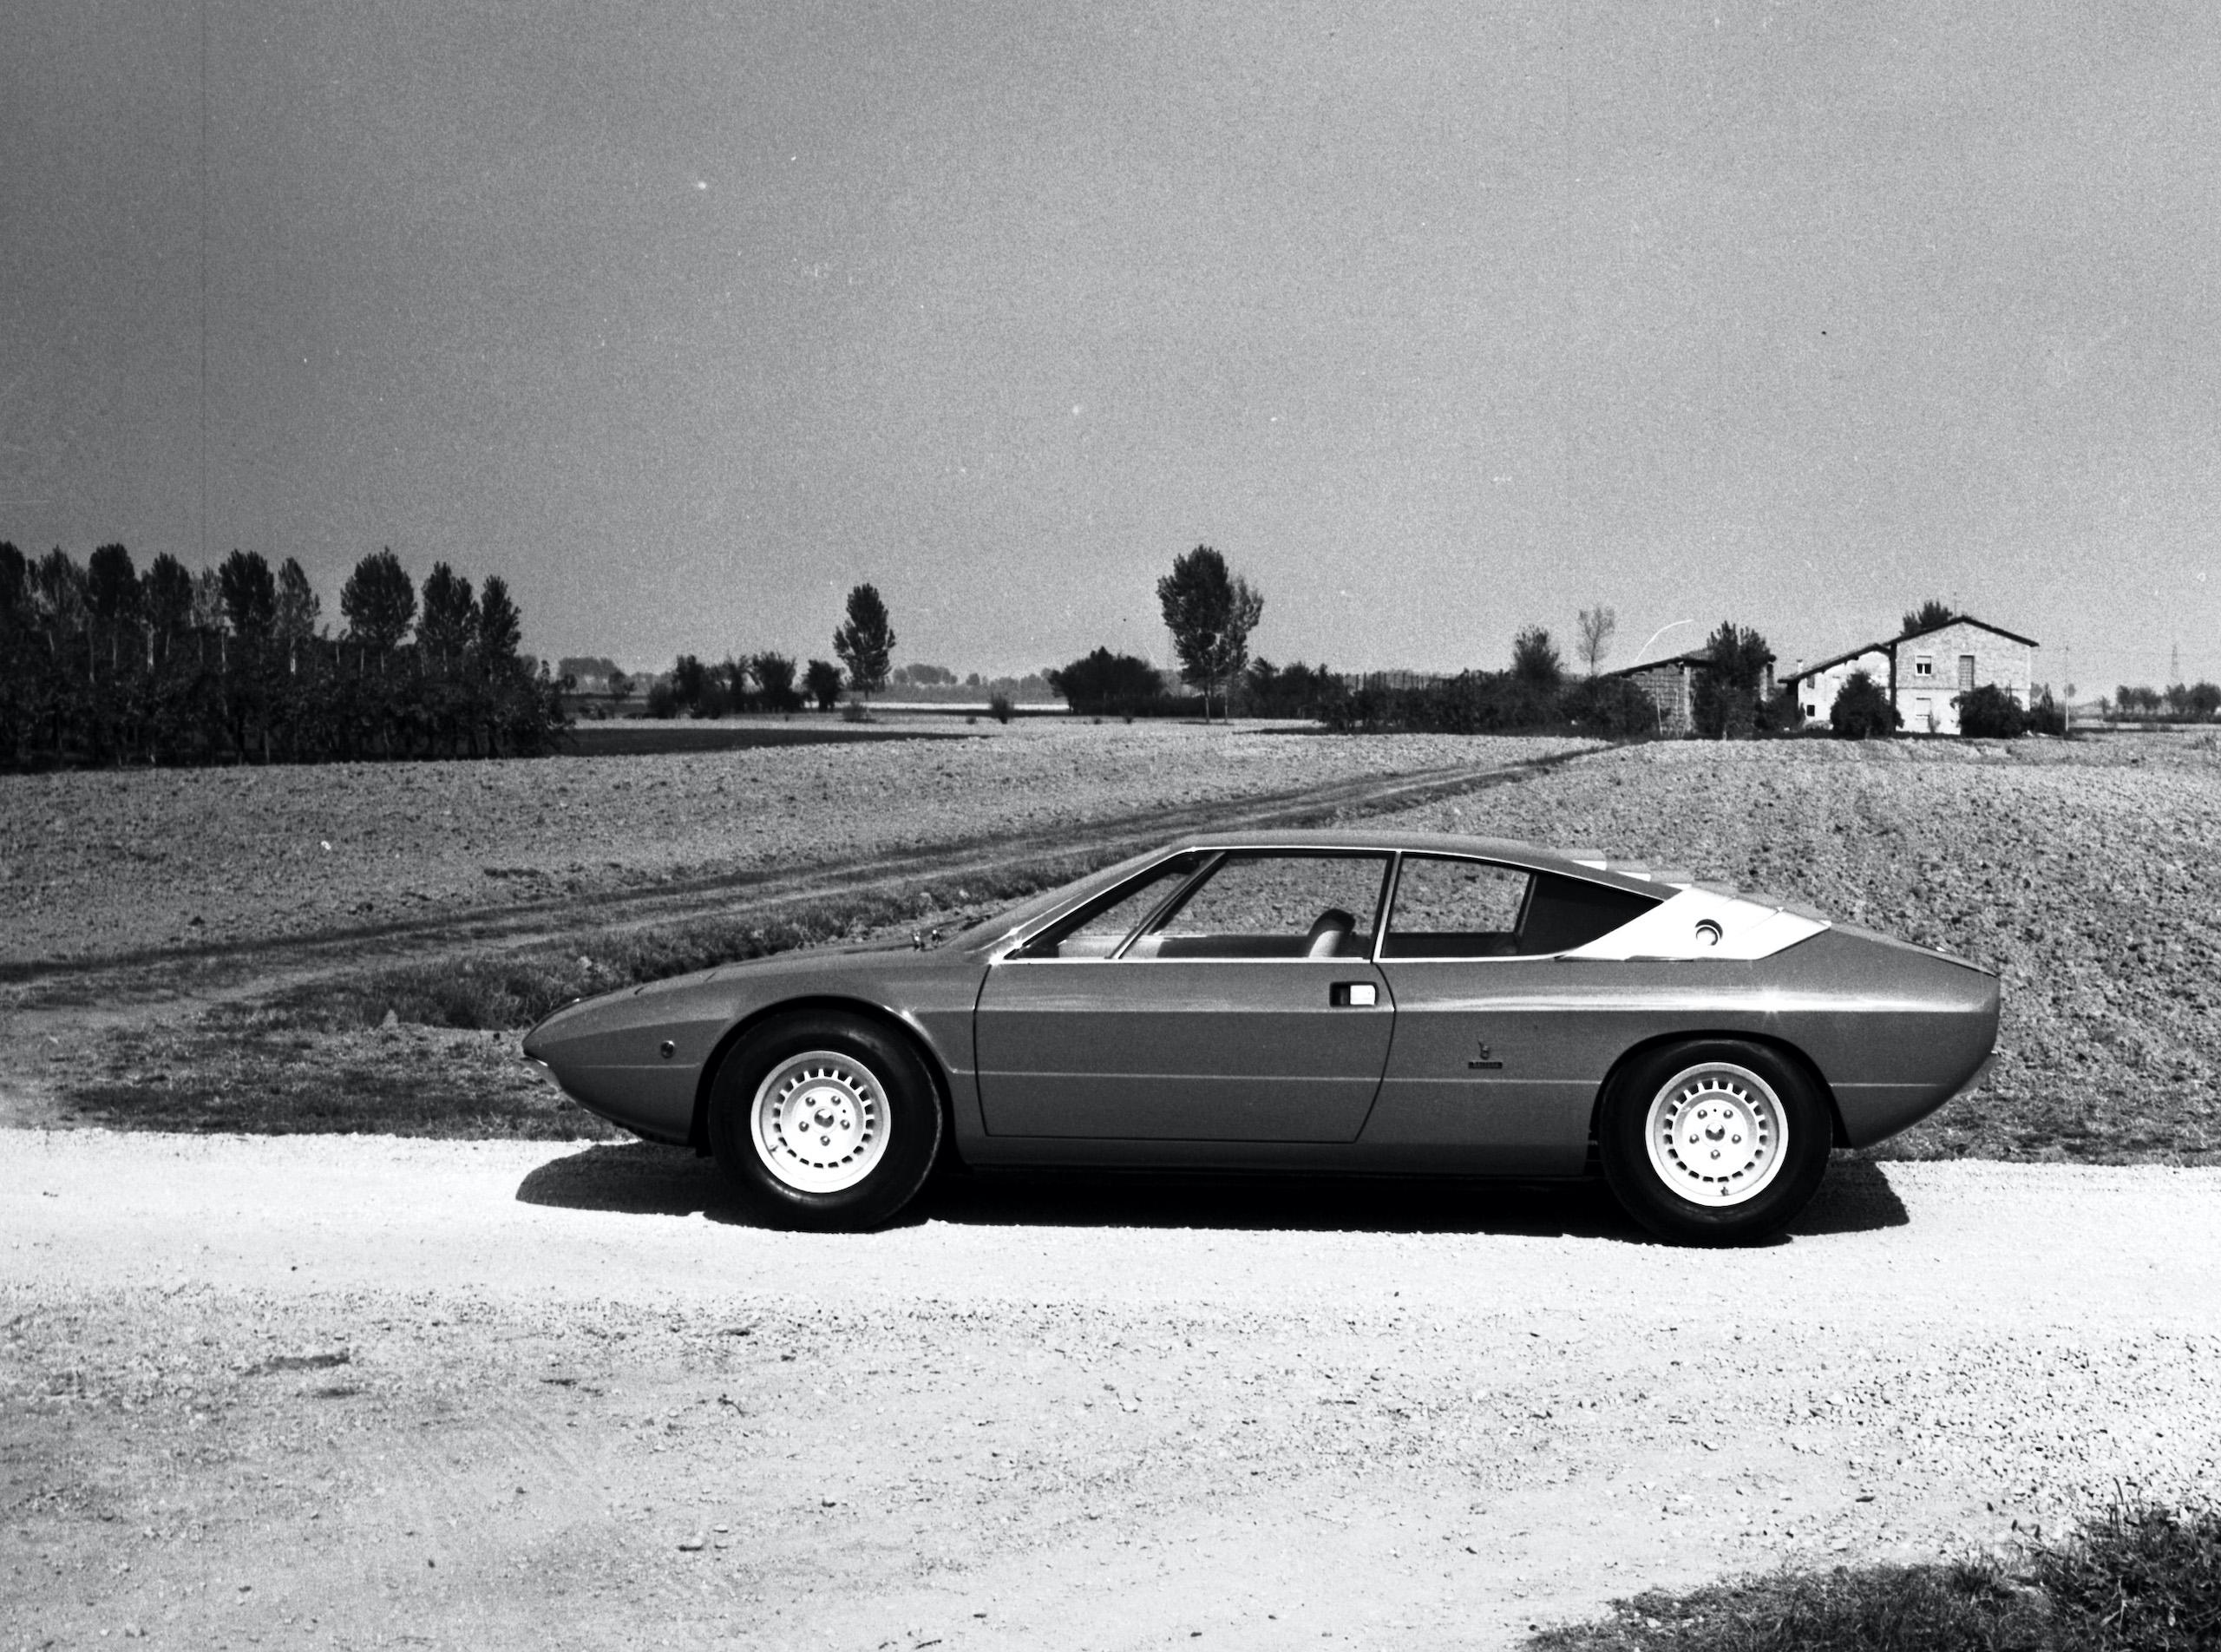 Lamborghini Urraco side profile vintage countryside photo